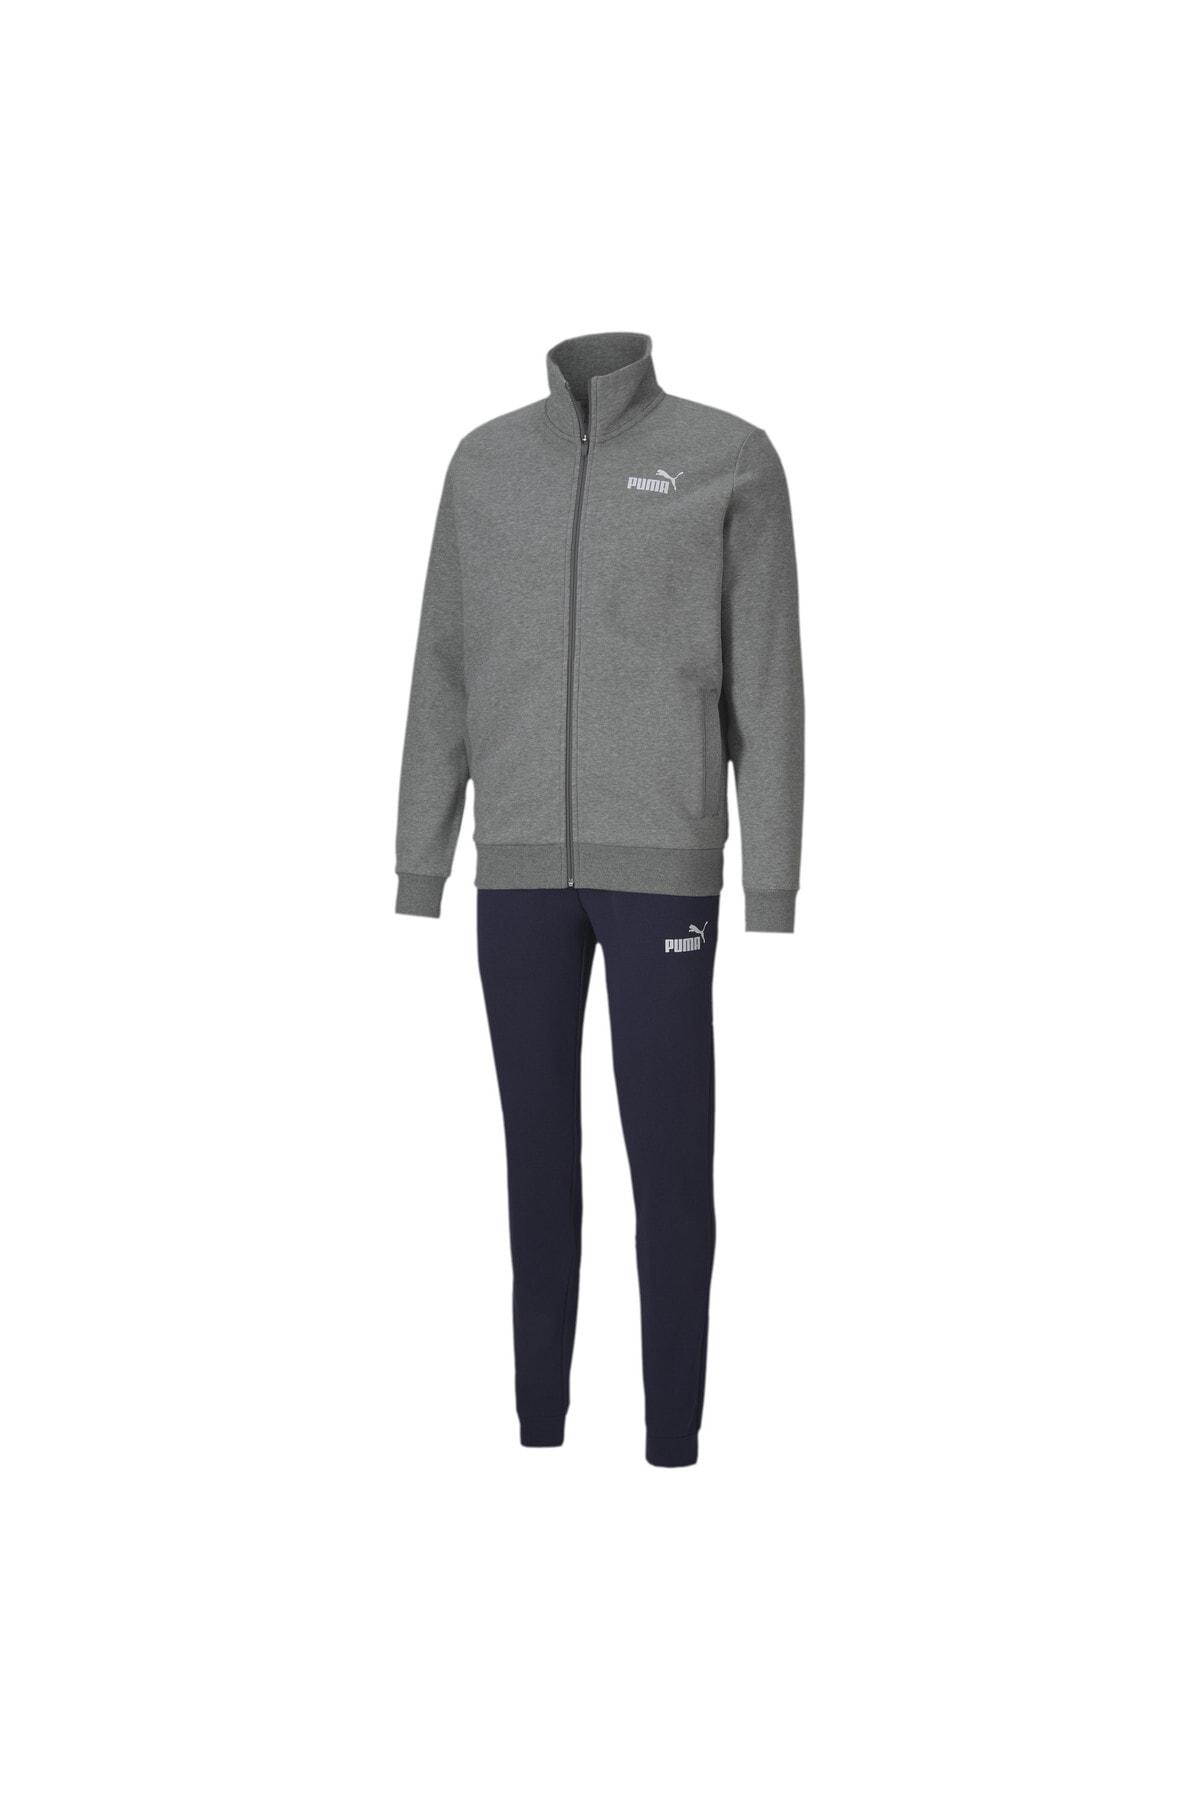 Puma Kadın Spor Eşofman Takımı - Clean Sweat Suit   -  58359803